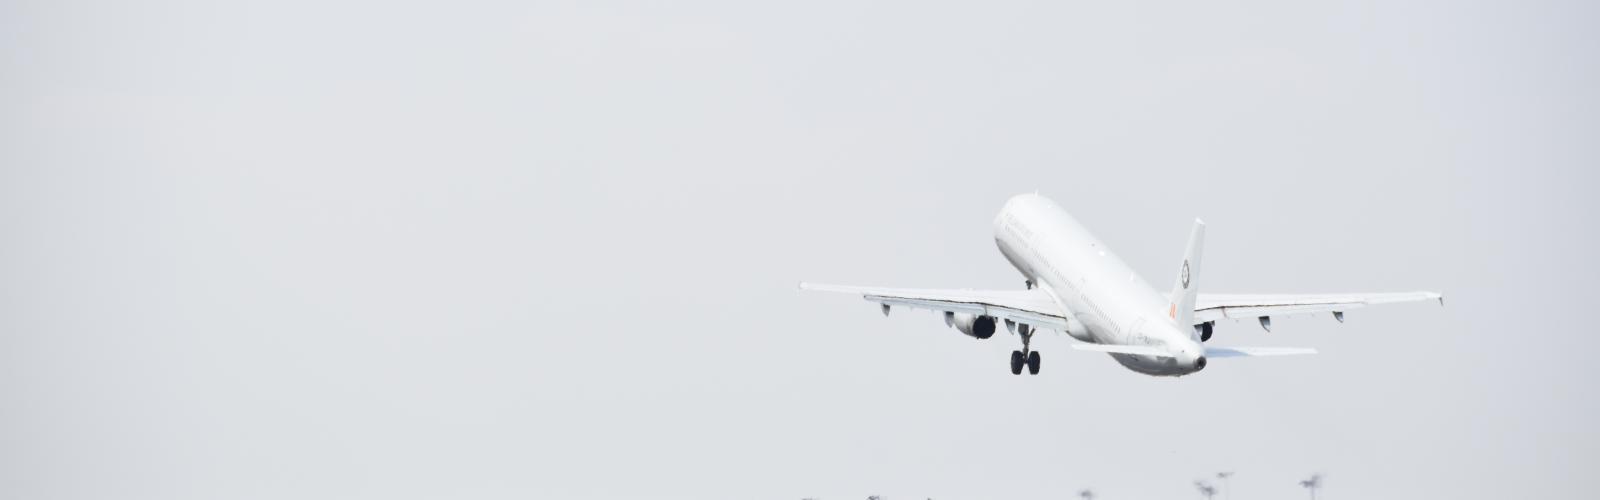 vertrekkend vliegtuig